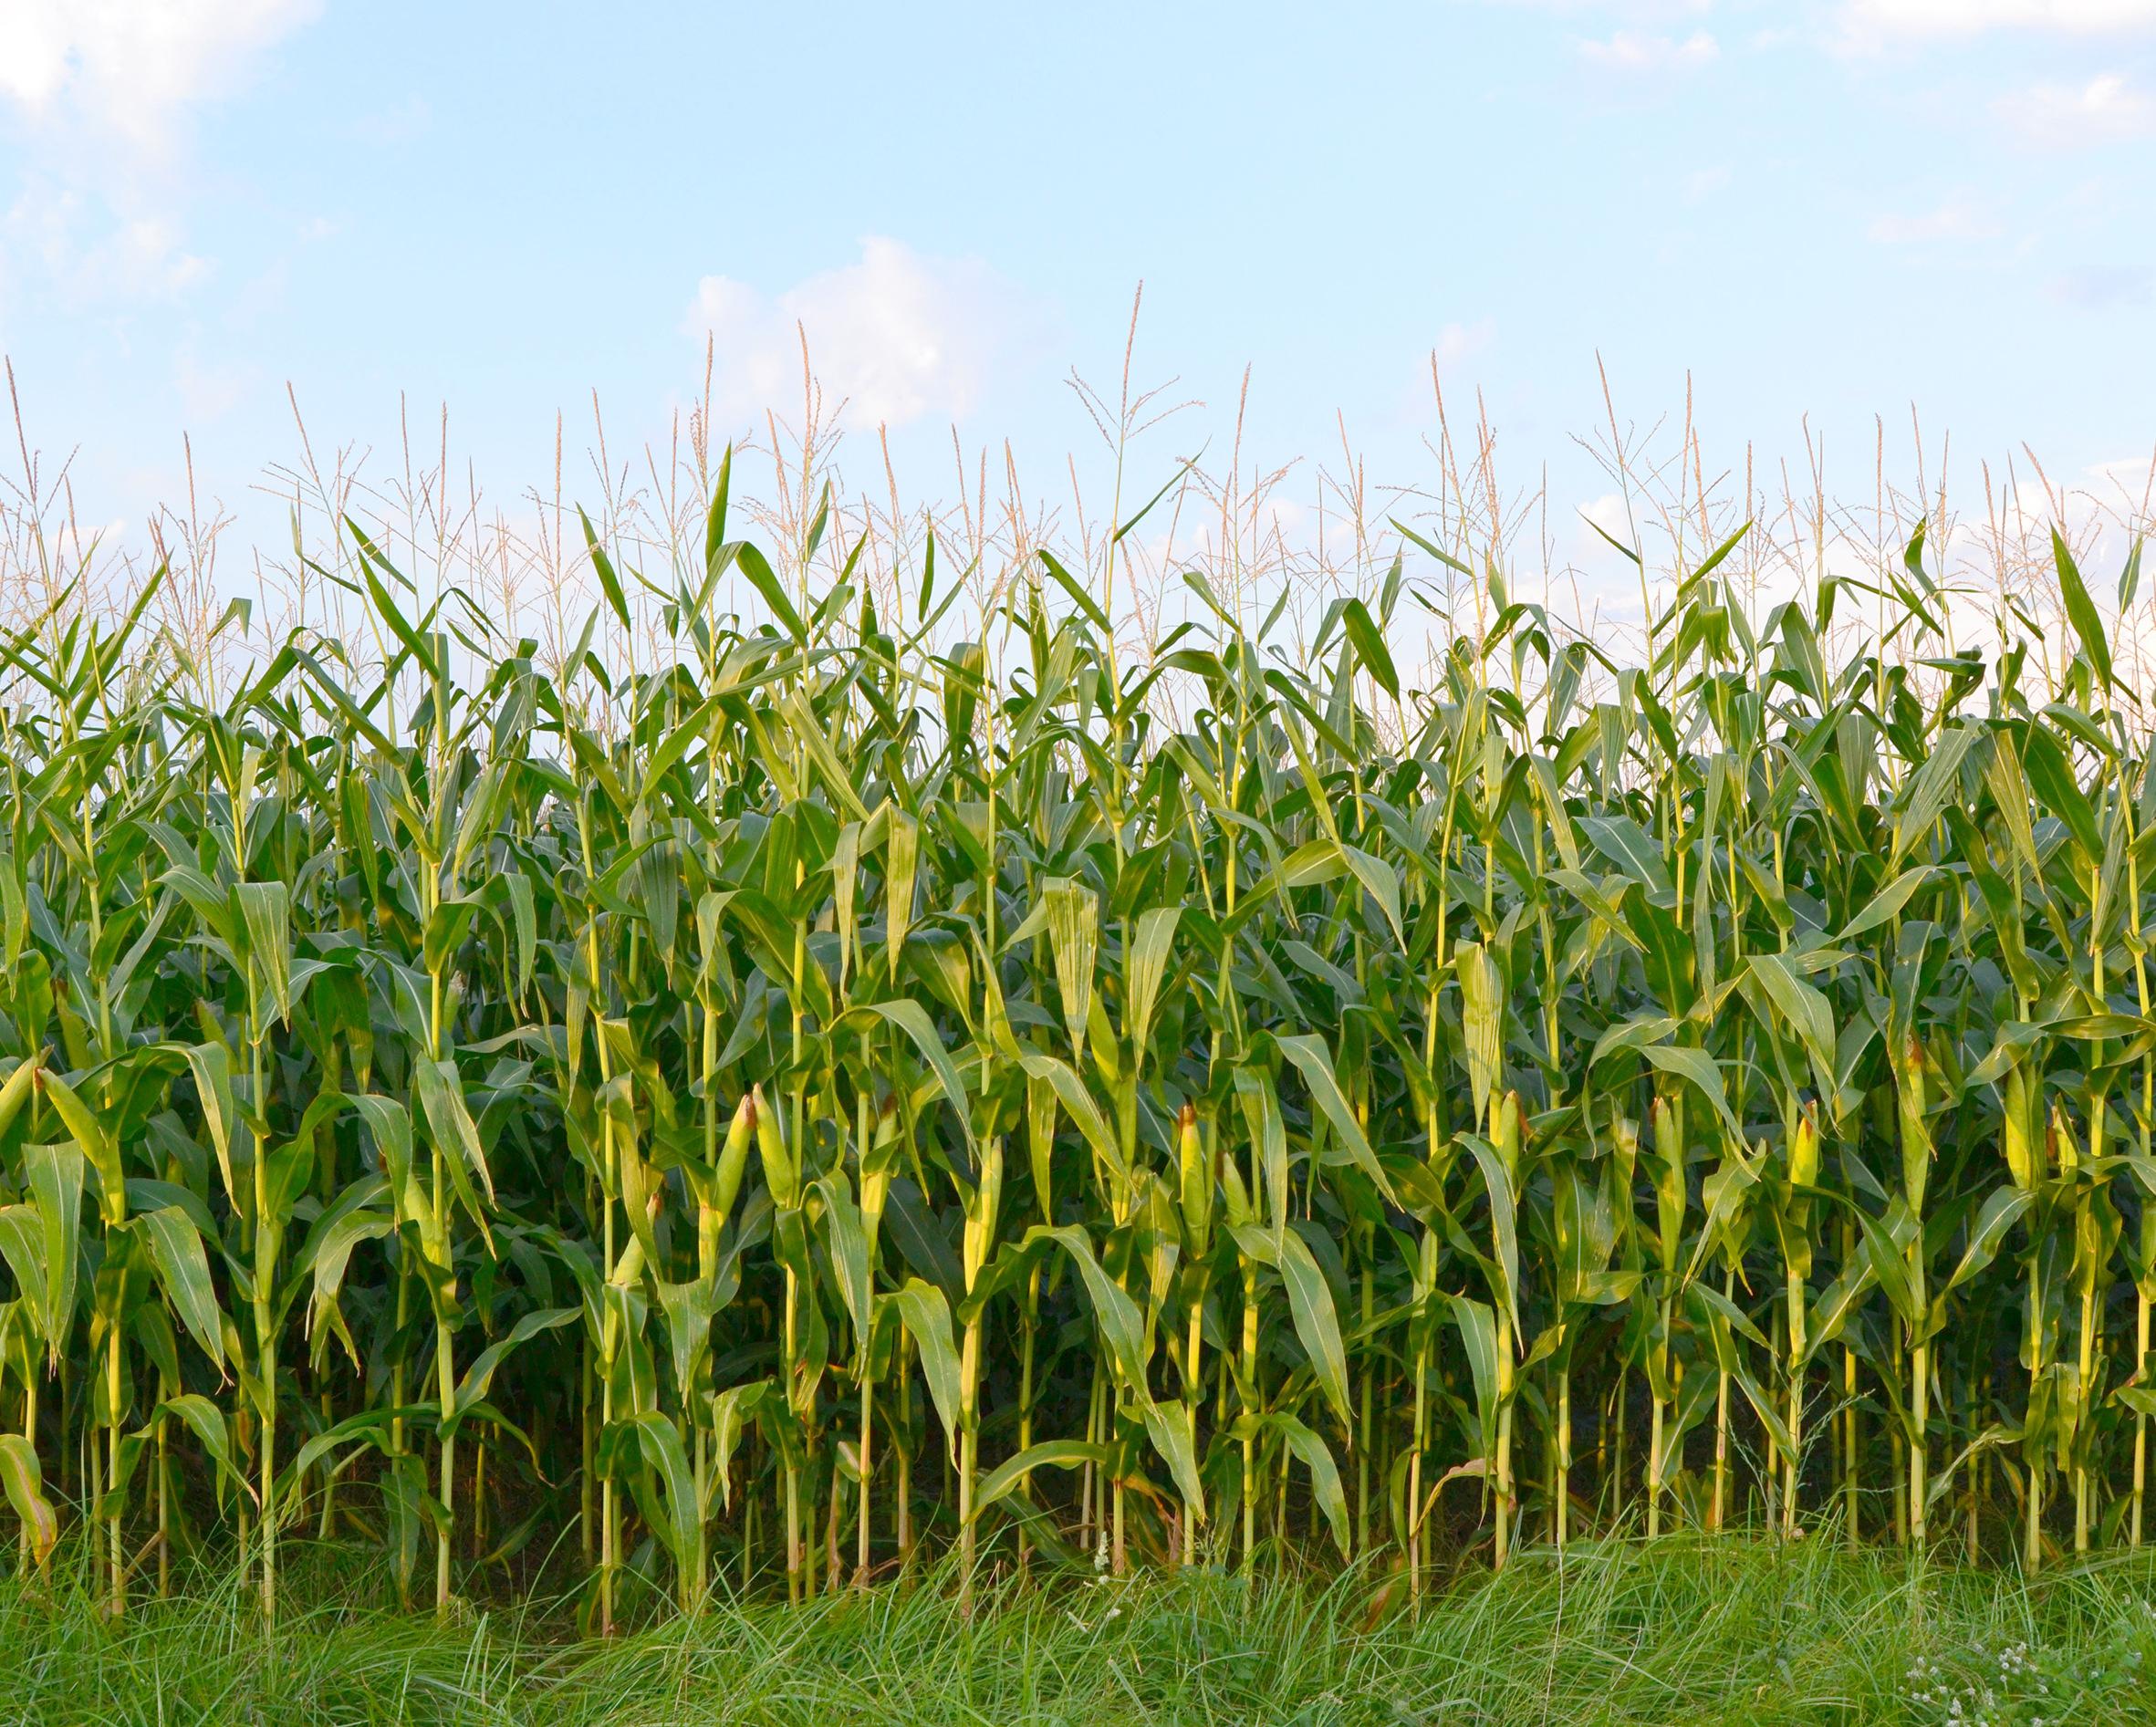 Прогноз МСХ сбывается— в РФ намолочено неменее 127 млн. тонн зерна